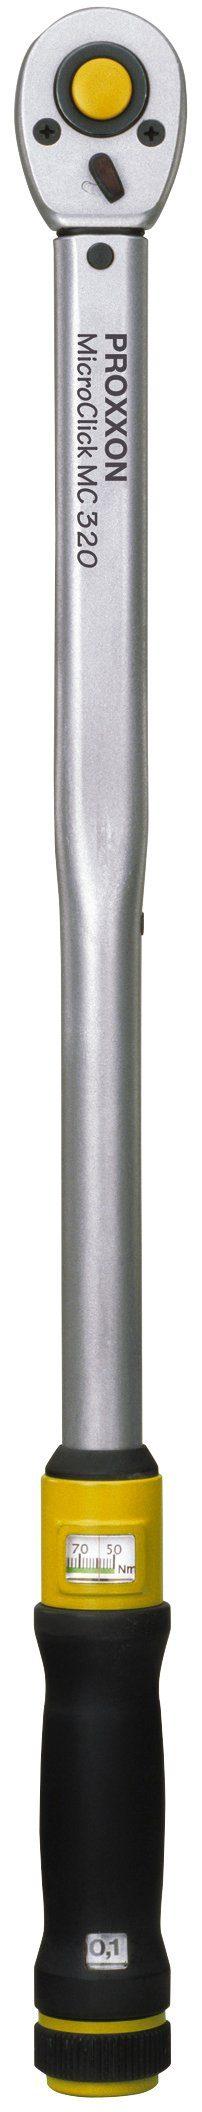 """PROXXON Drehmomentschlüssel »MicroClick MC 320, 60 - 320 Nm, 1/2""""«"""